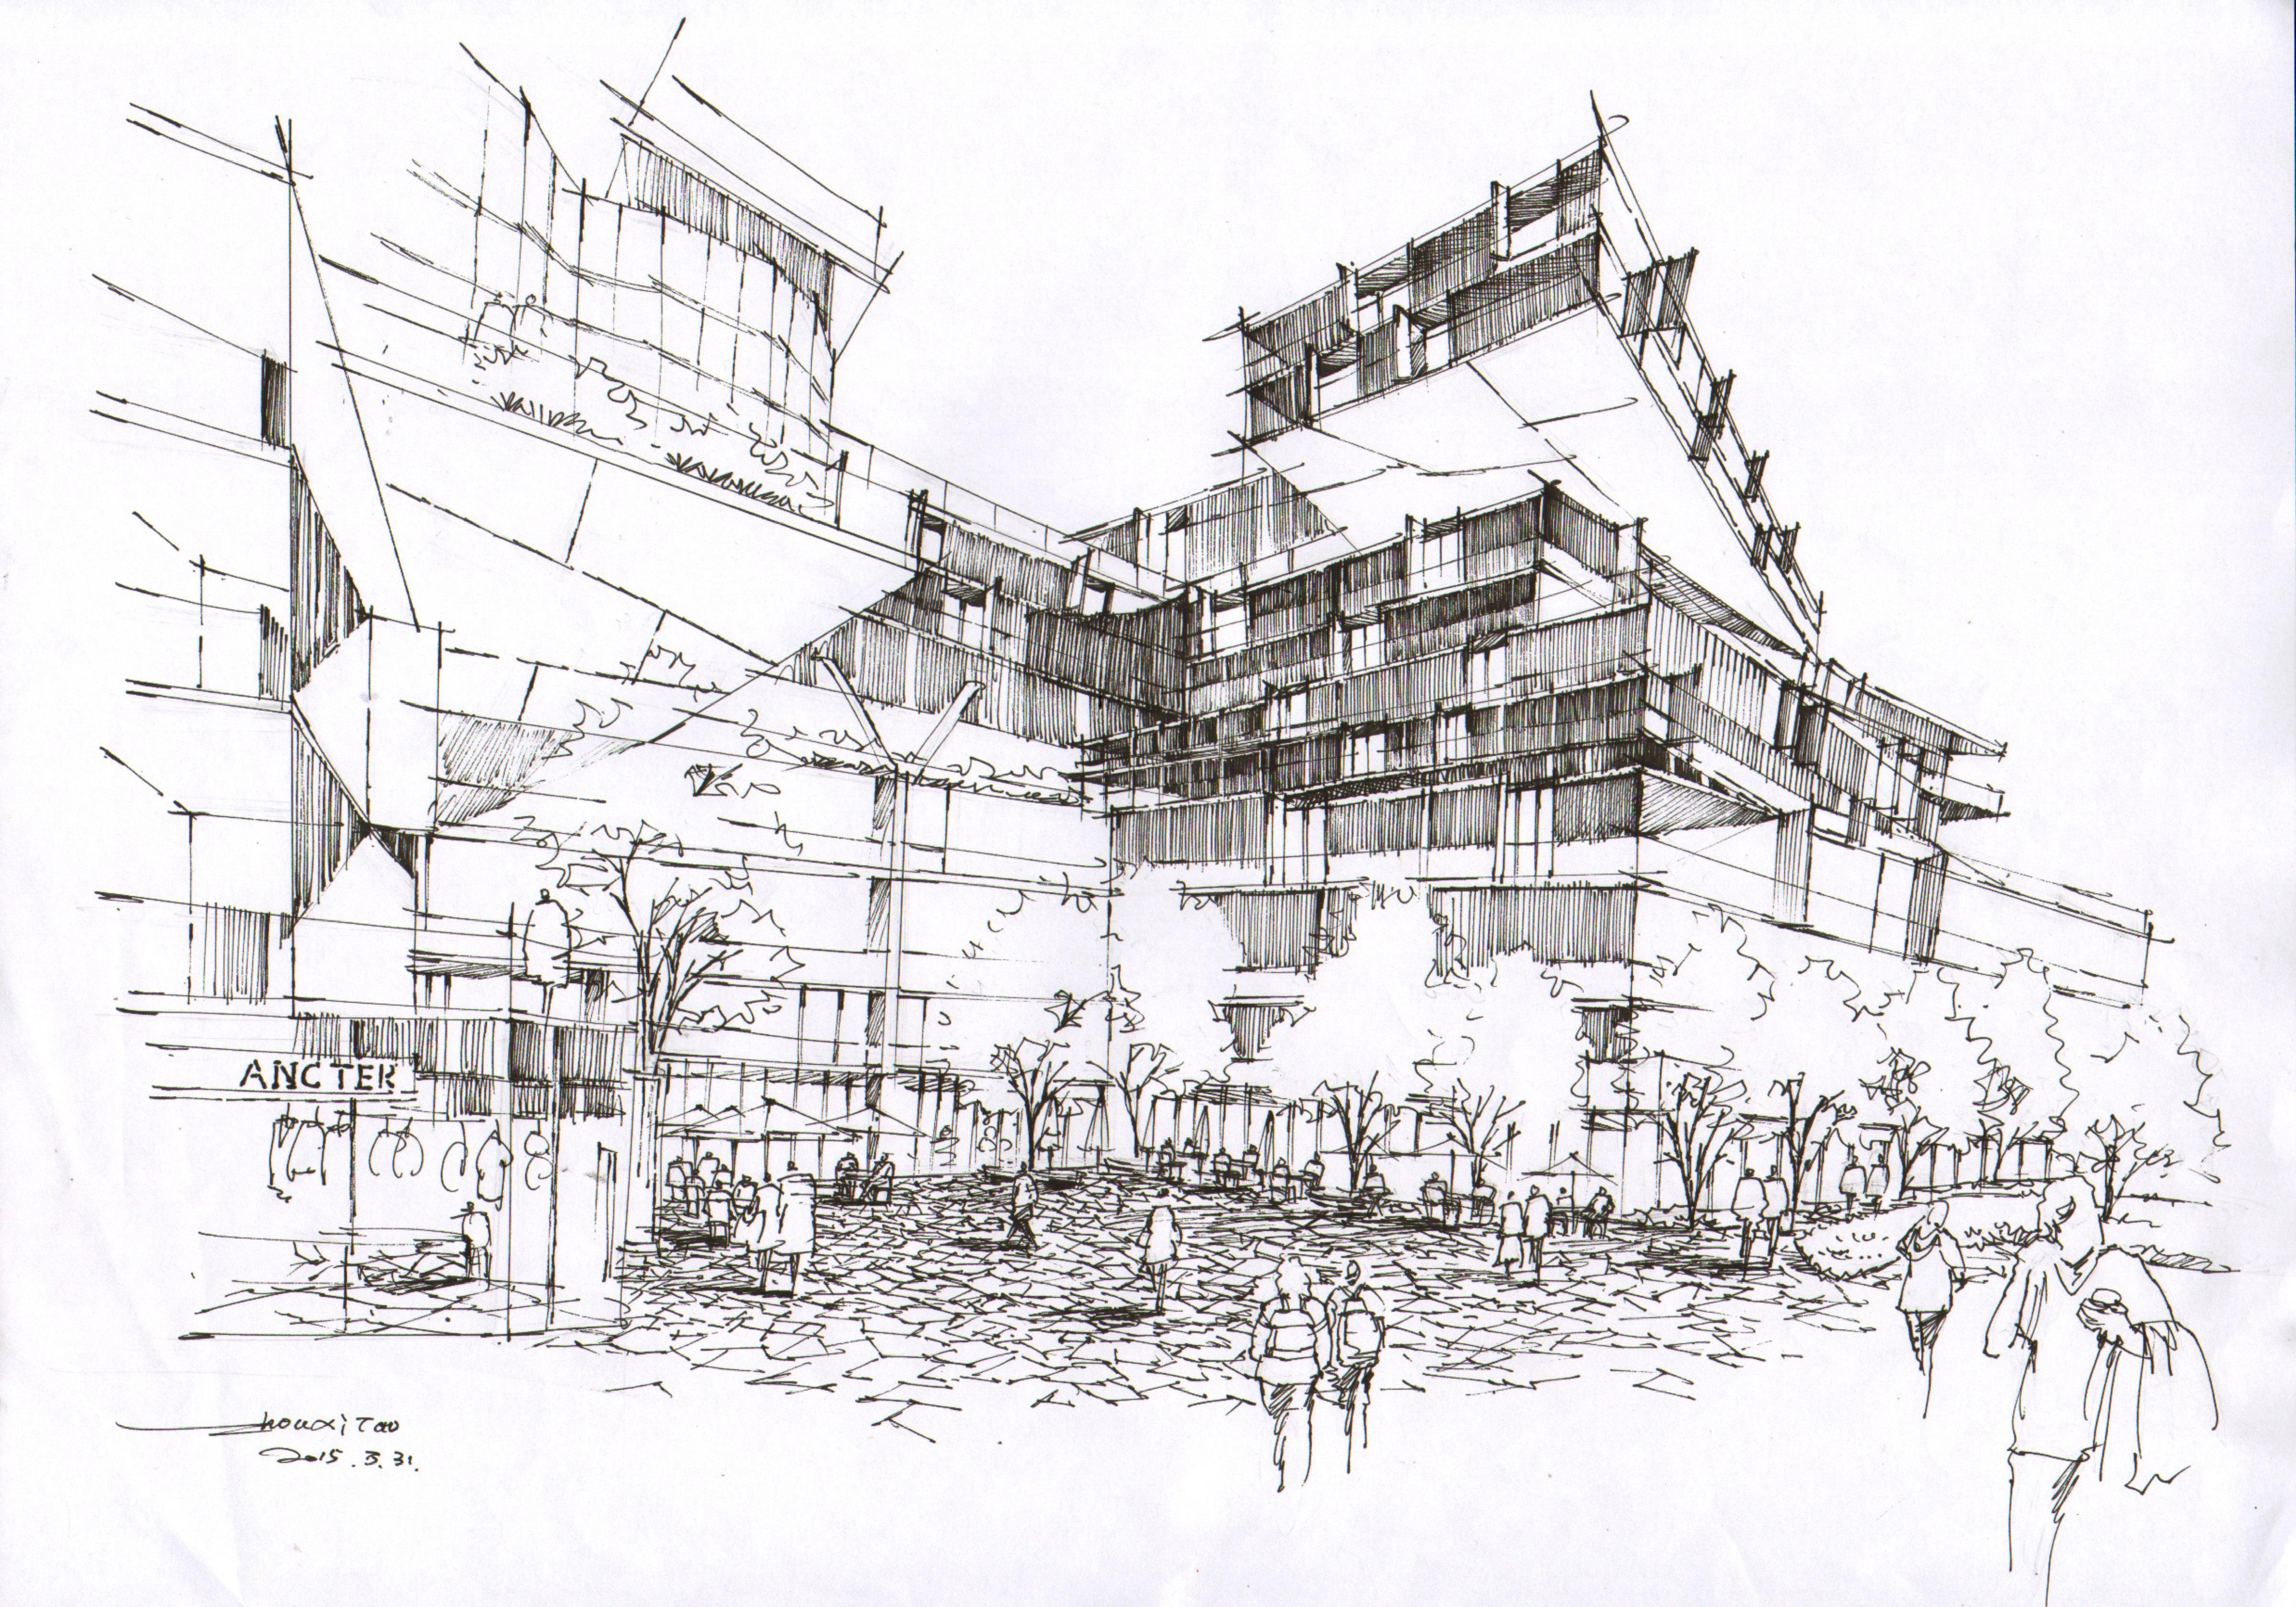 建筑手绘|空间|建筑设计|徒行 - 原创作品 - 站酷